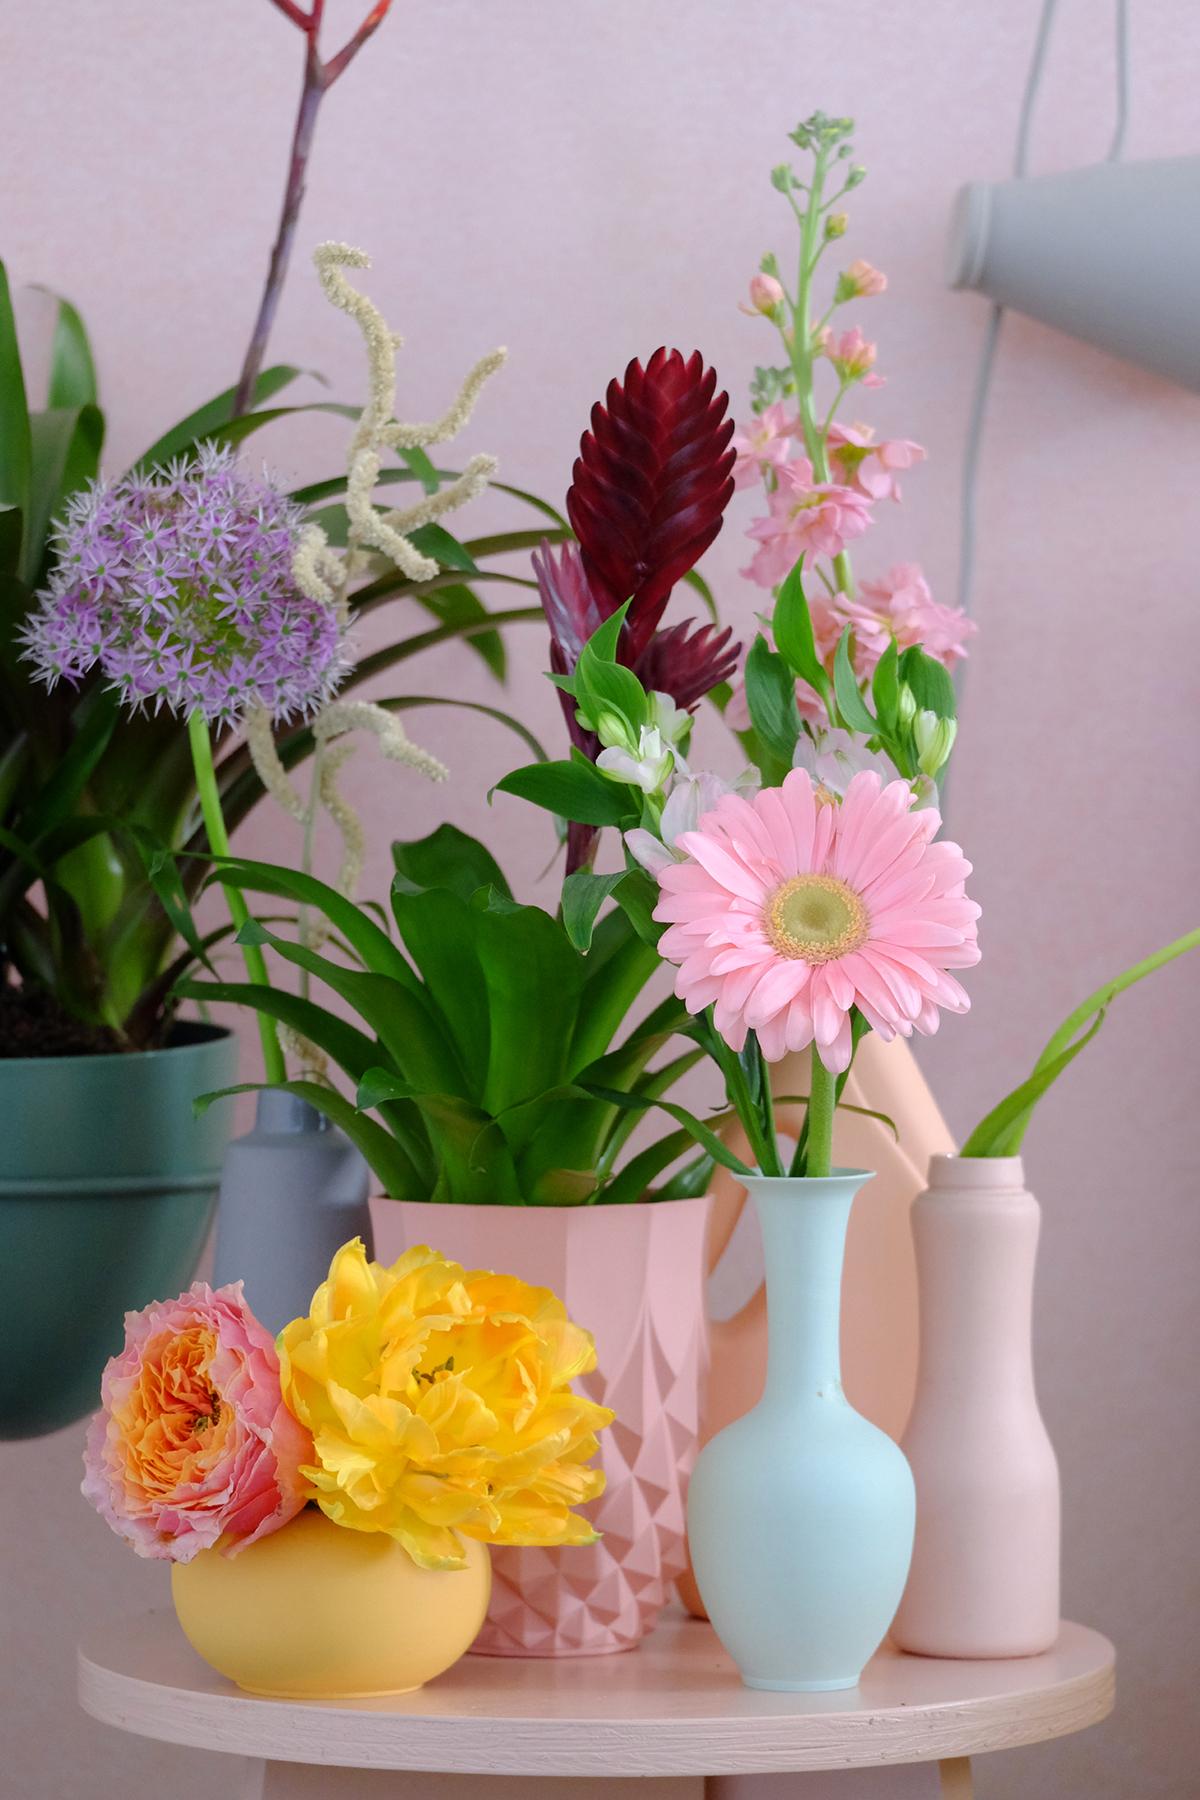 bromelia en snijbloemen gekleurde vazen en potten